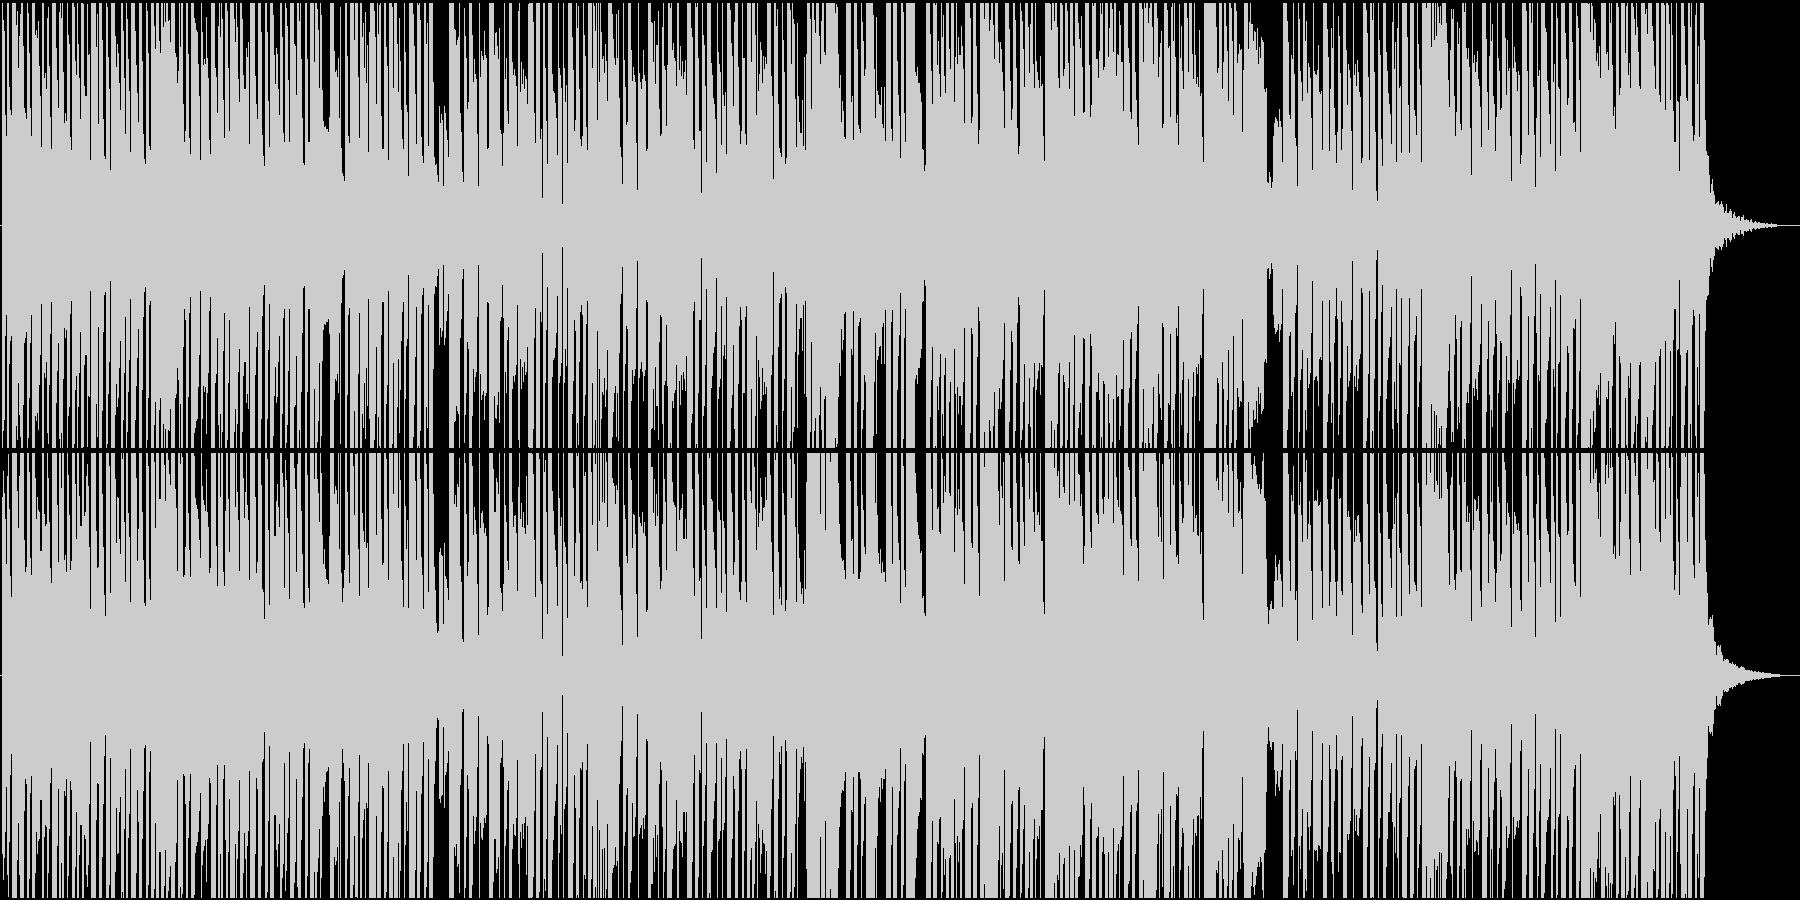 切ないメロディのゆったりした和風楽曲の未再生の波形